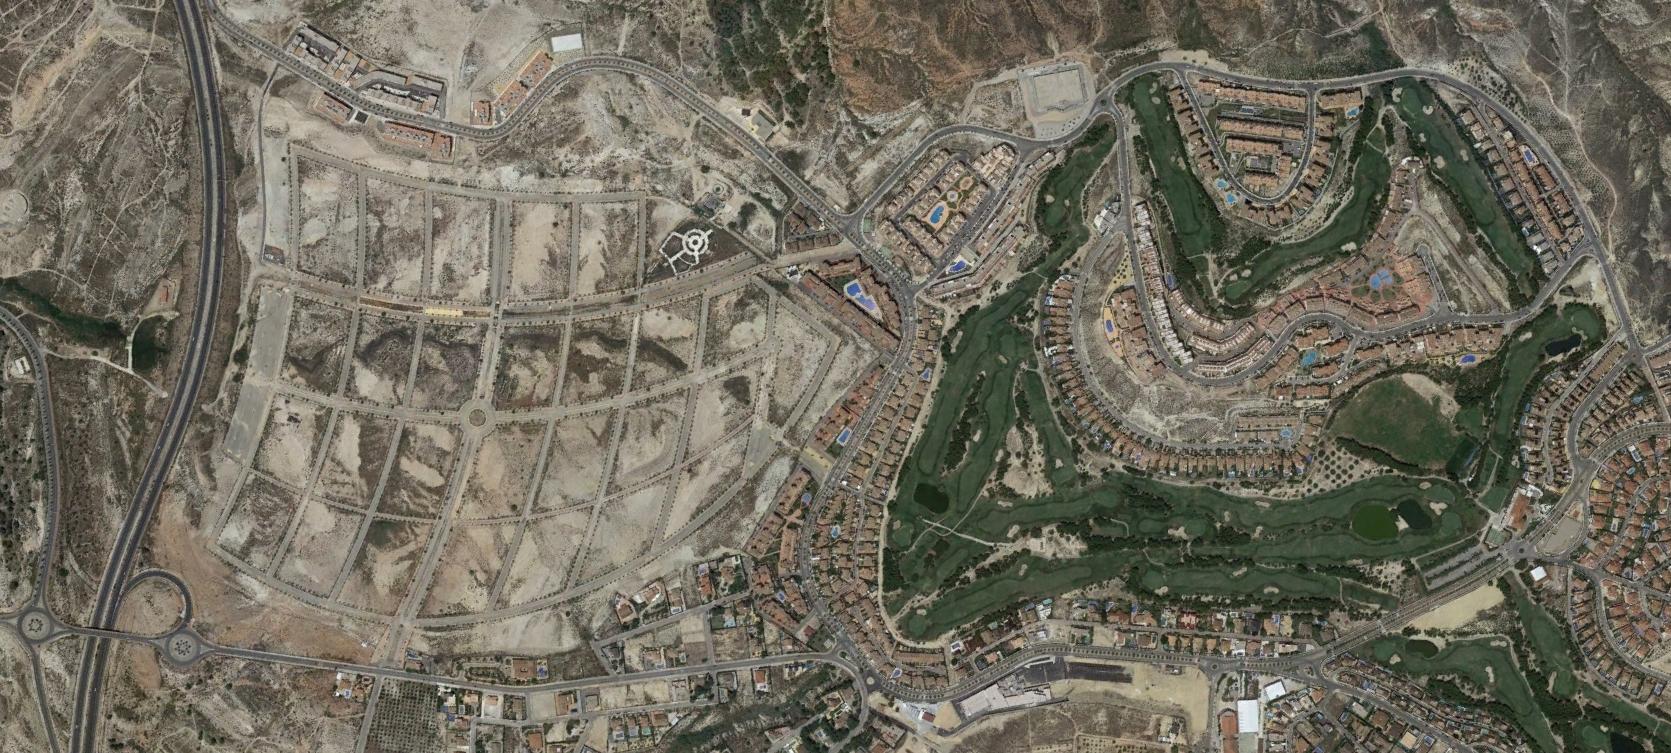 altorreal, murcia, highroyal, después, urbanismo, planeamiento, urbano, desastre, urbanístico, construcción, rotondas, carretera